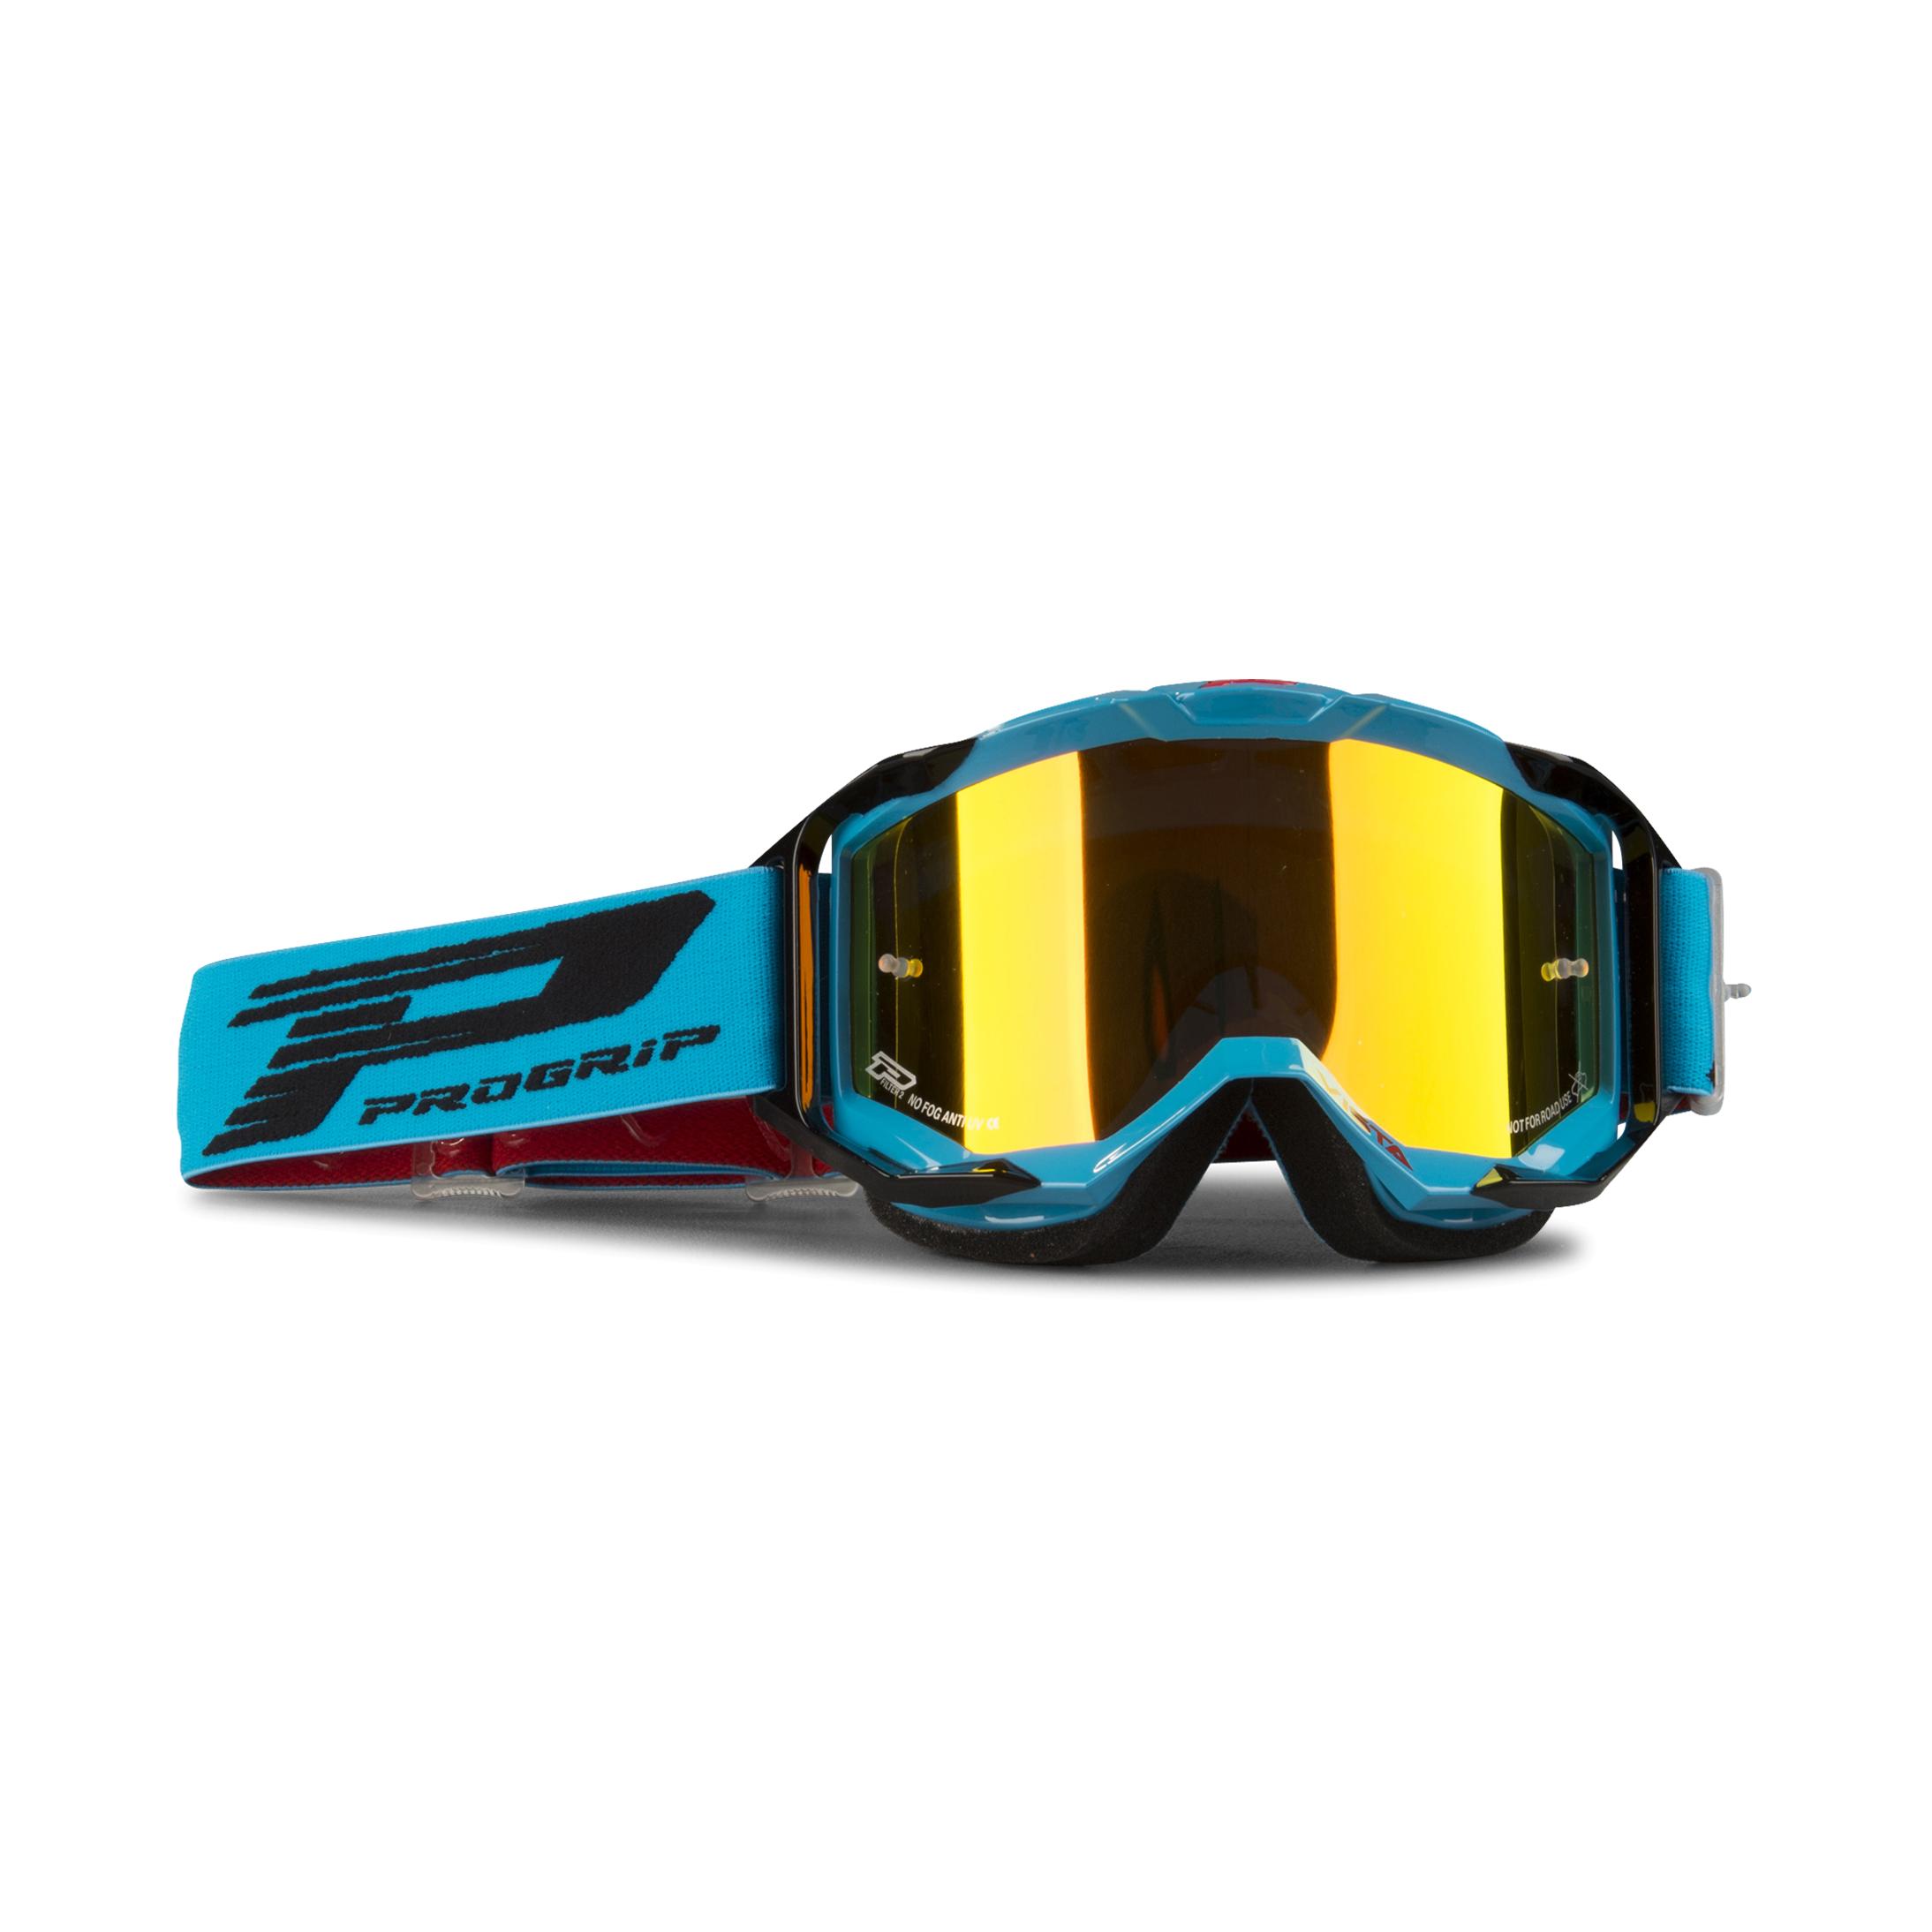 Progrip Masque cross Progrip 3303 Vista Turquoise-Noir Multi-épaisseurs